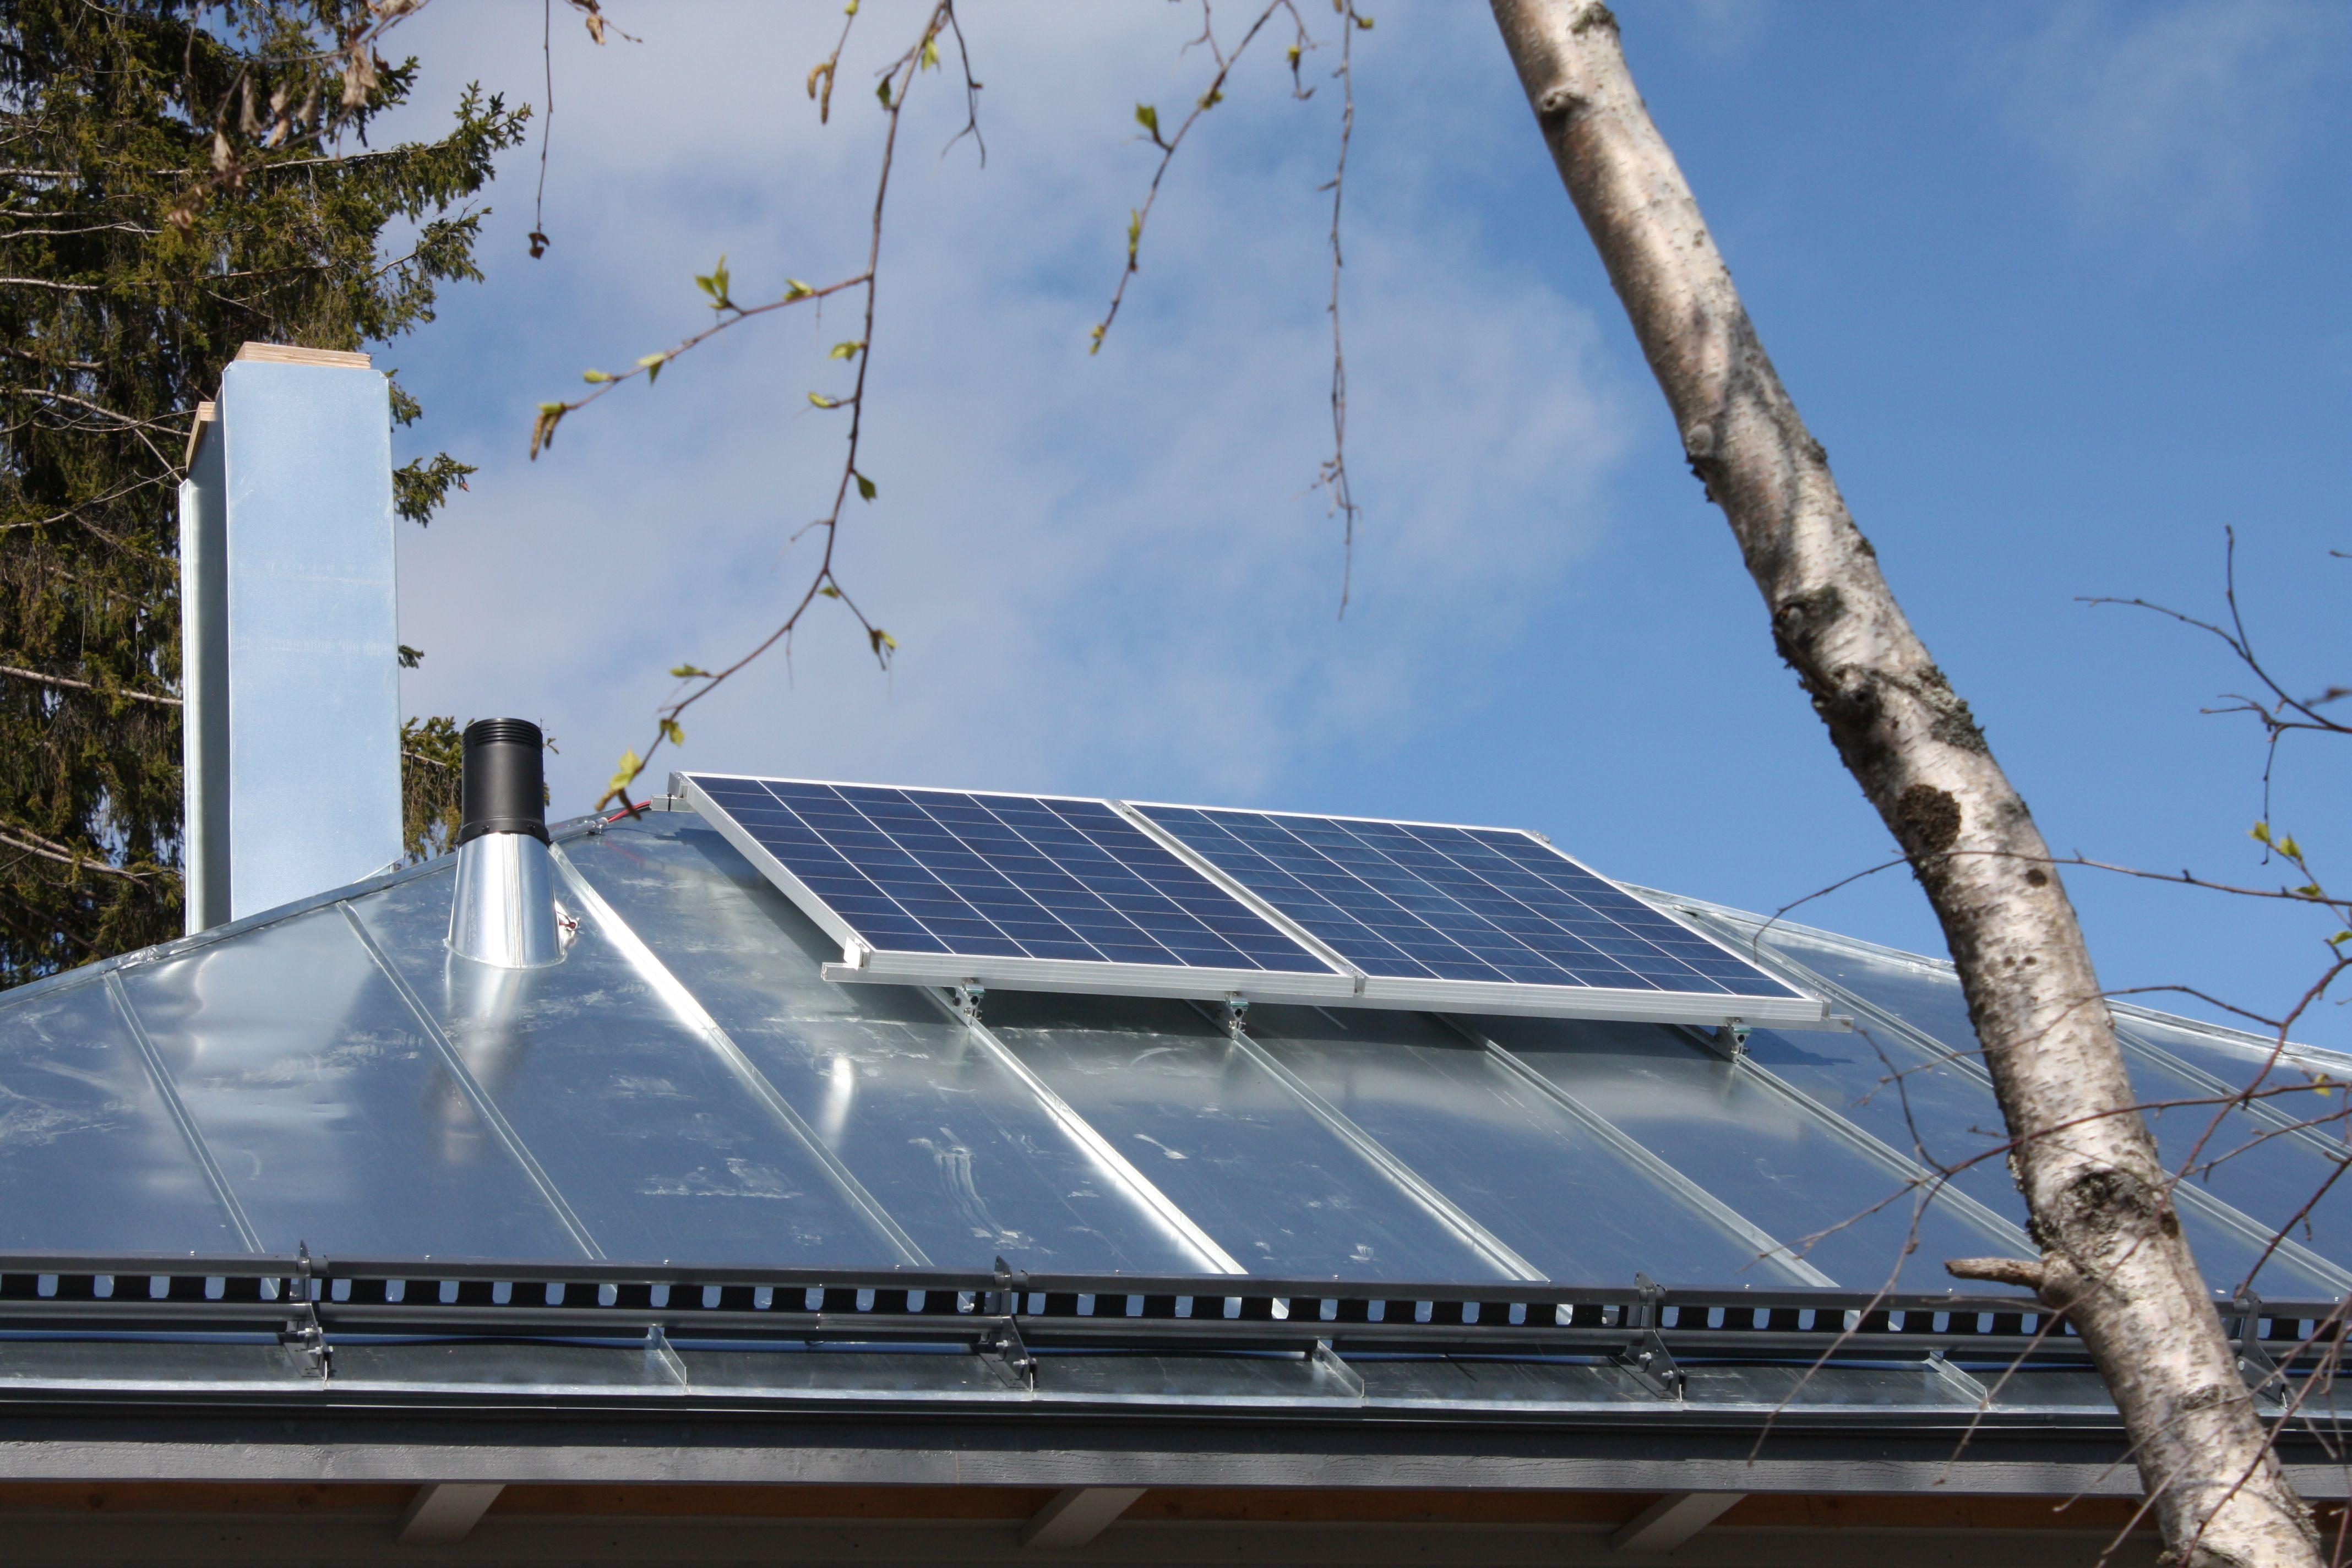 Aurinkopaneeli voi olla myös esteettisesti istuva. #solar #aurinkopaneeli #aurinkoenergia #ekologinenenergia Ratkaisuista lisää: www.cioy.fi